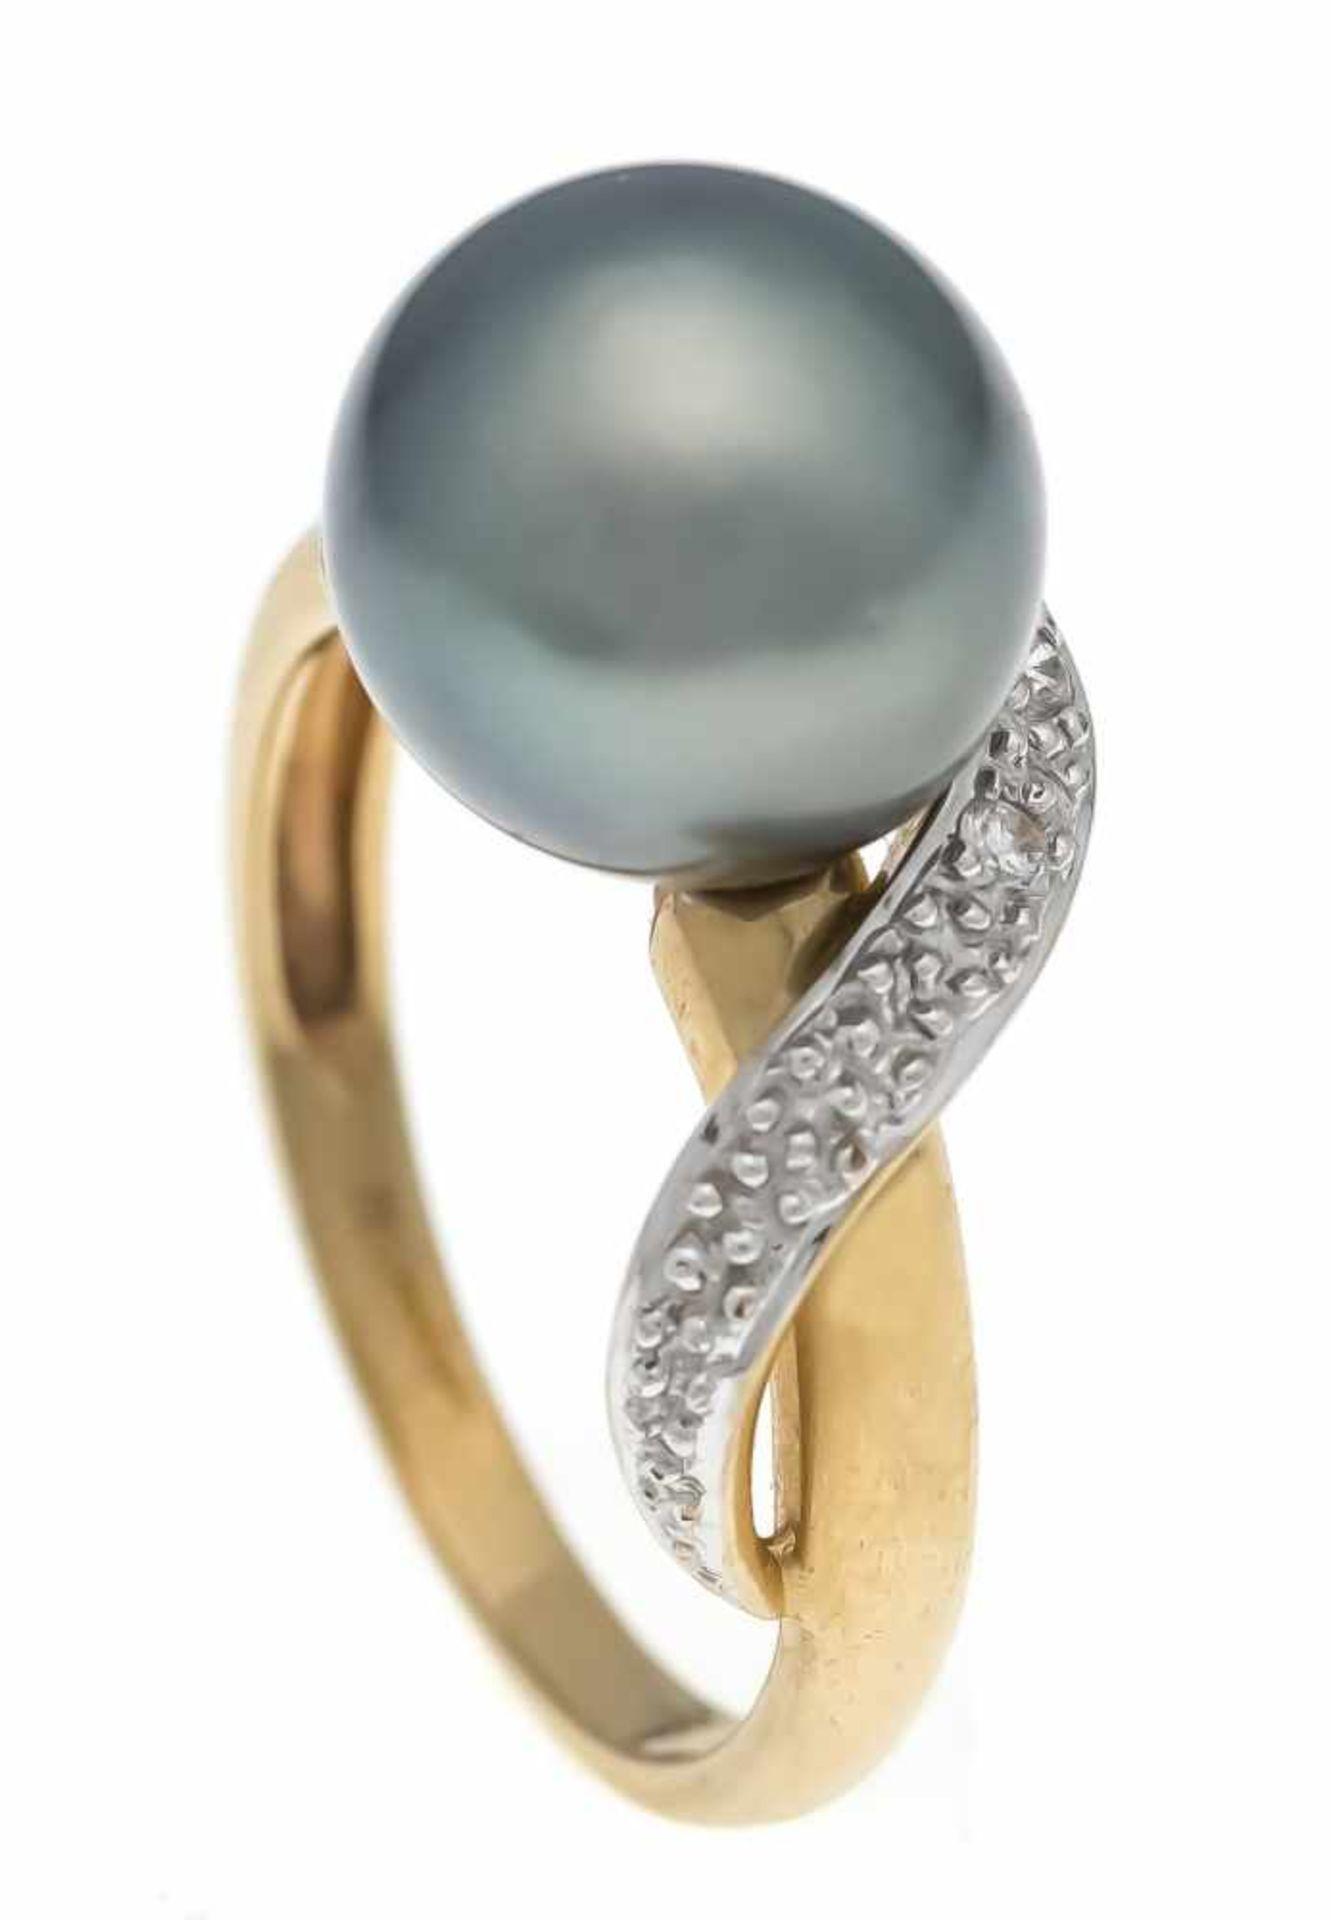 Tahiti-Brillant-Ring GG/WG 585/000 mit einer feinen Tahitiperle 10 mm mit sehr wenignatürlichen